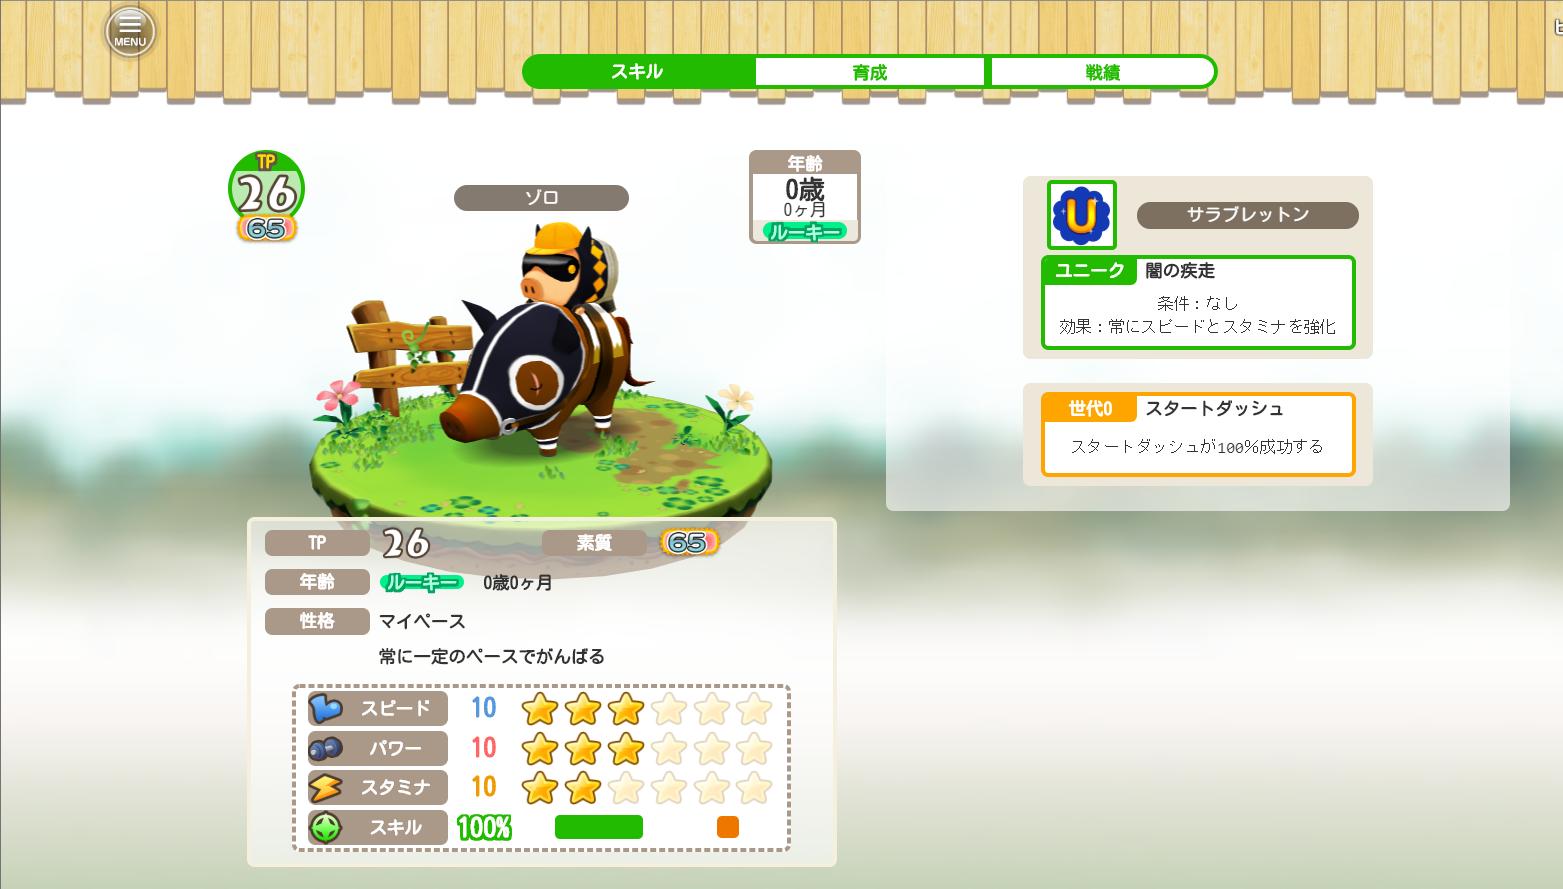 くりぷ豚 レース β 攻略 スキル コース グラントンリスモ 賞品